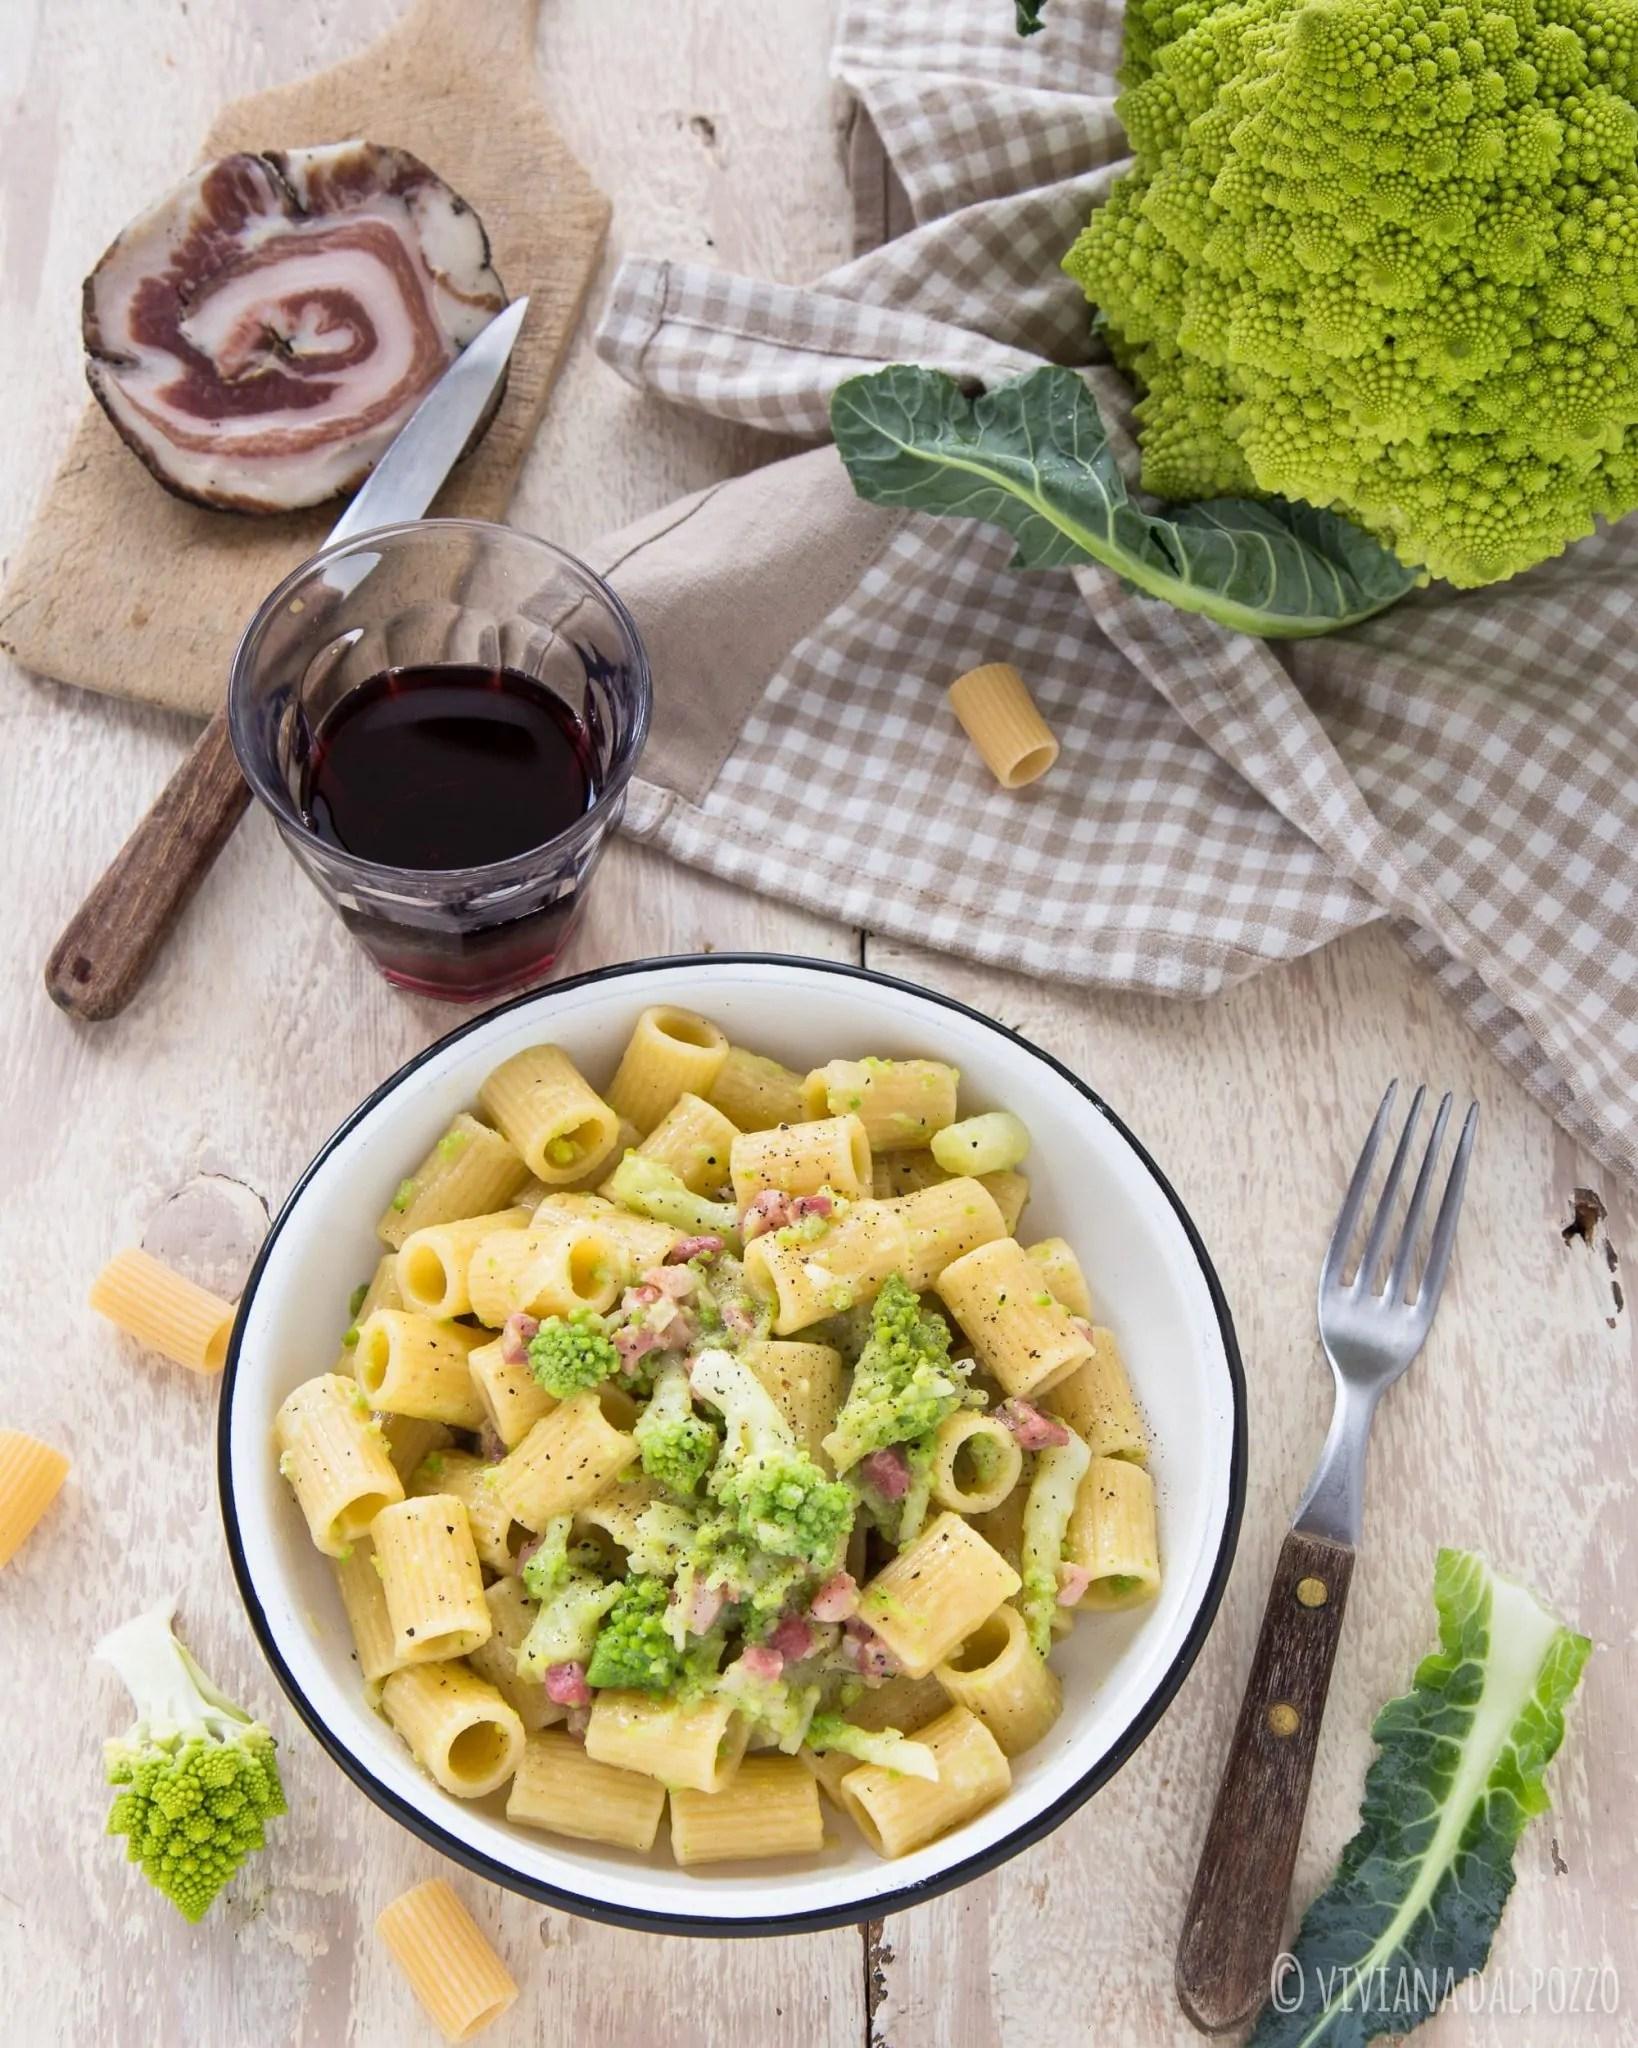 Pasta con Broccolo Romanesco e pancetta al pepe